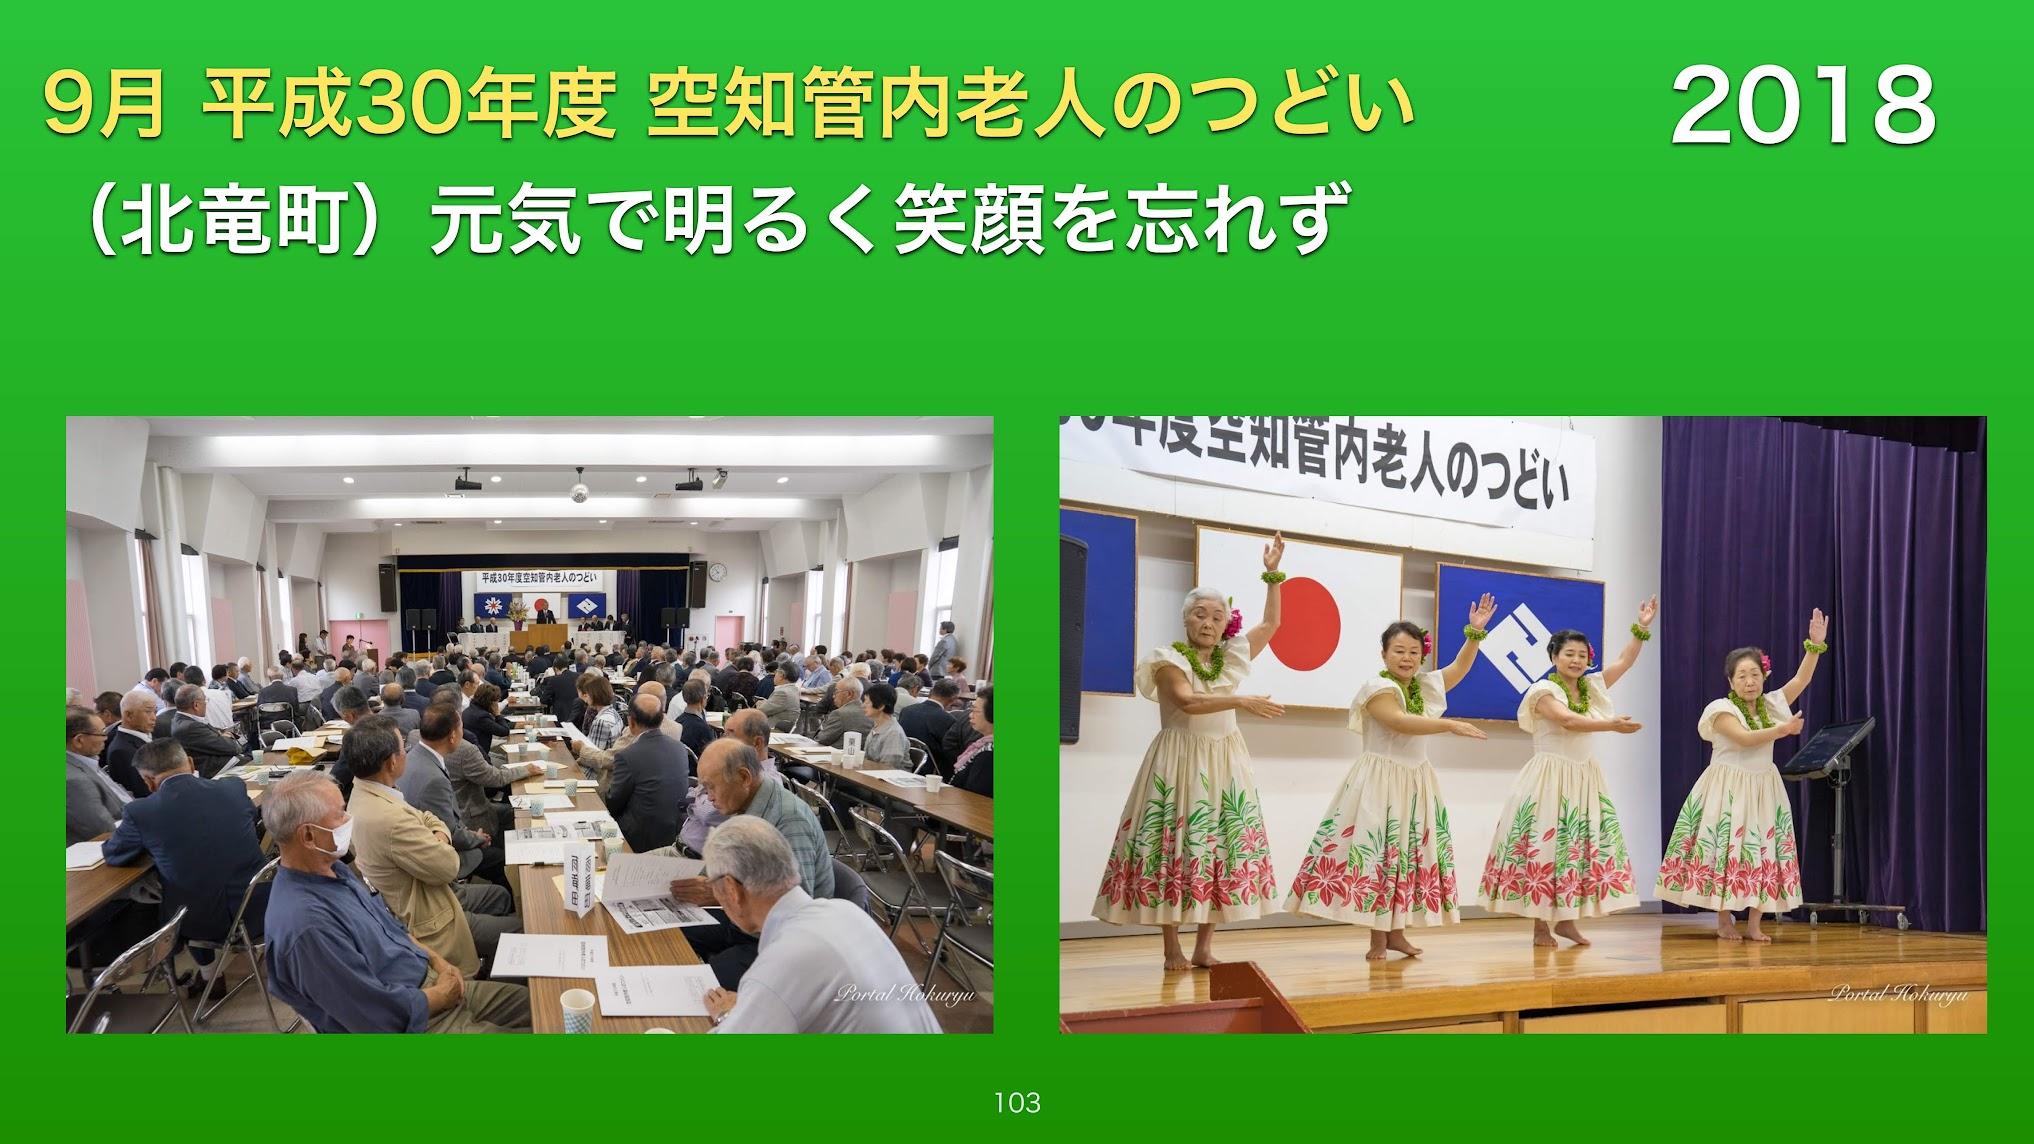 9月:平成30年度 空知管内老人のつどい in 北竜町